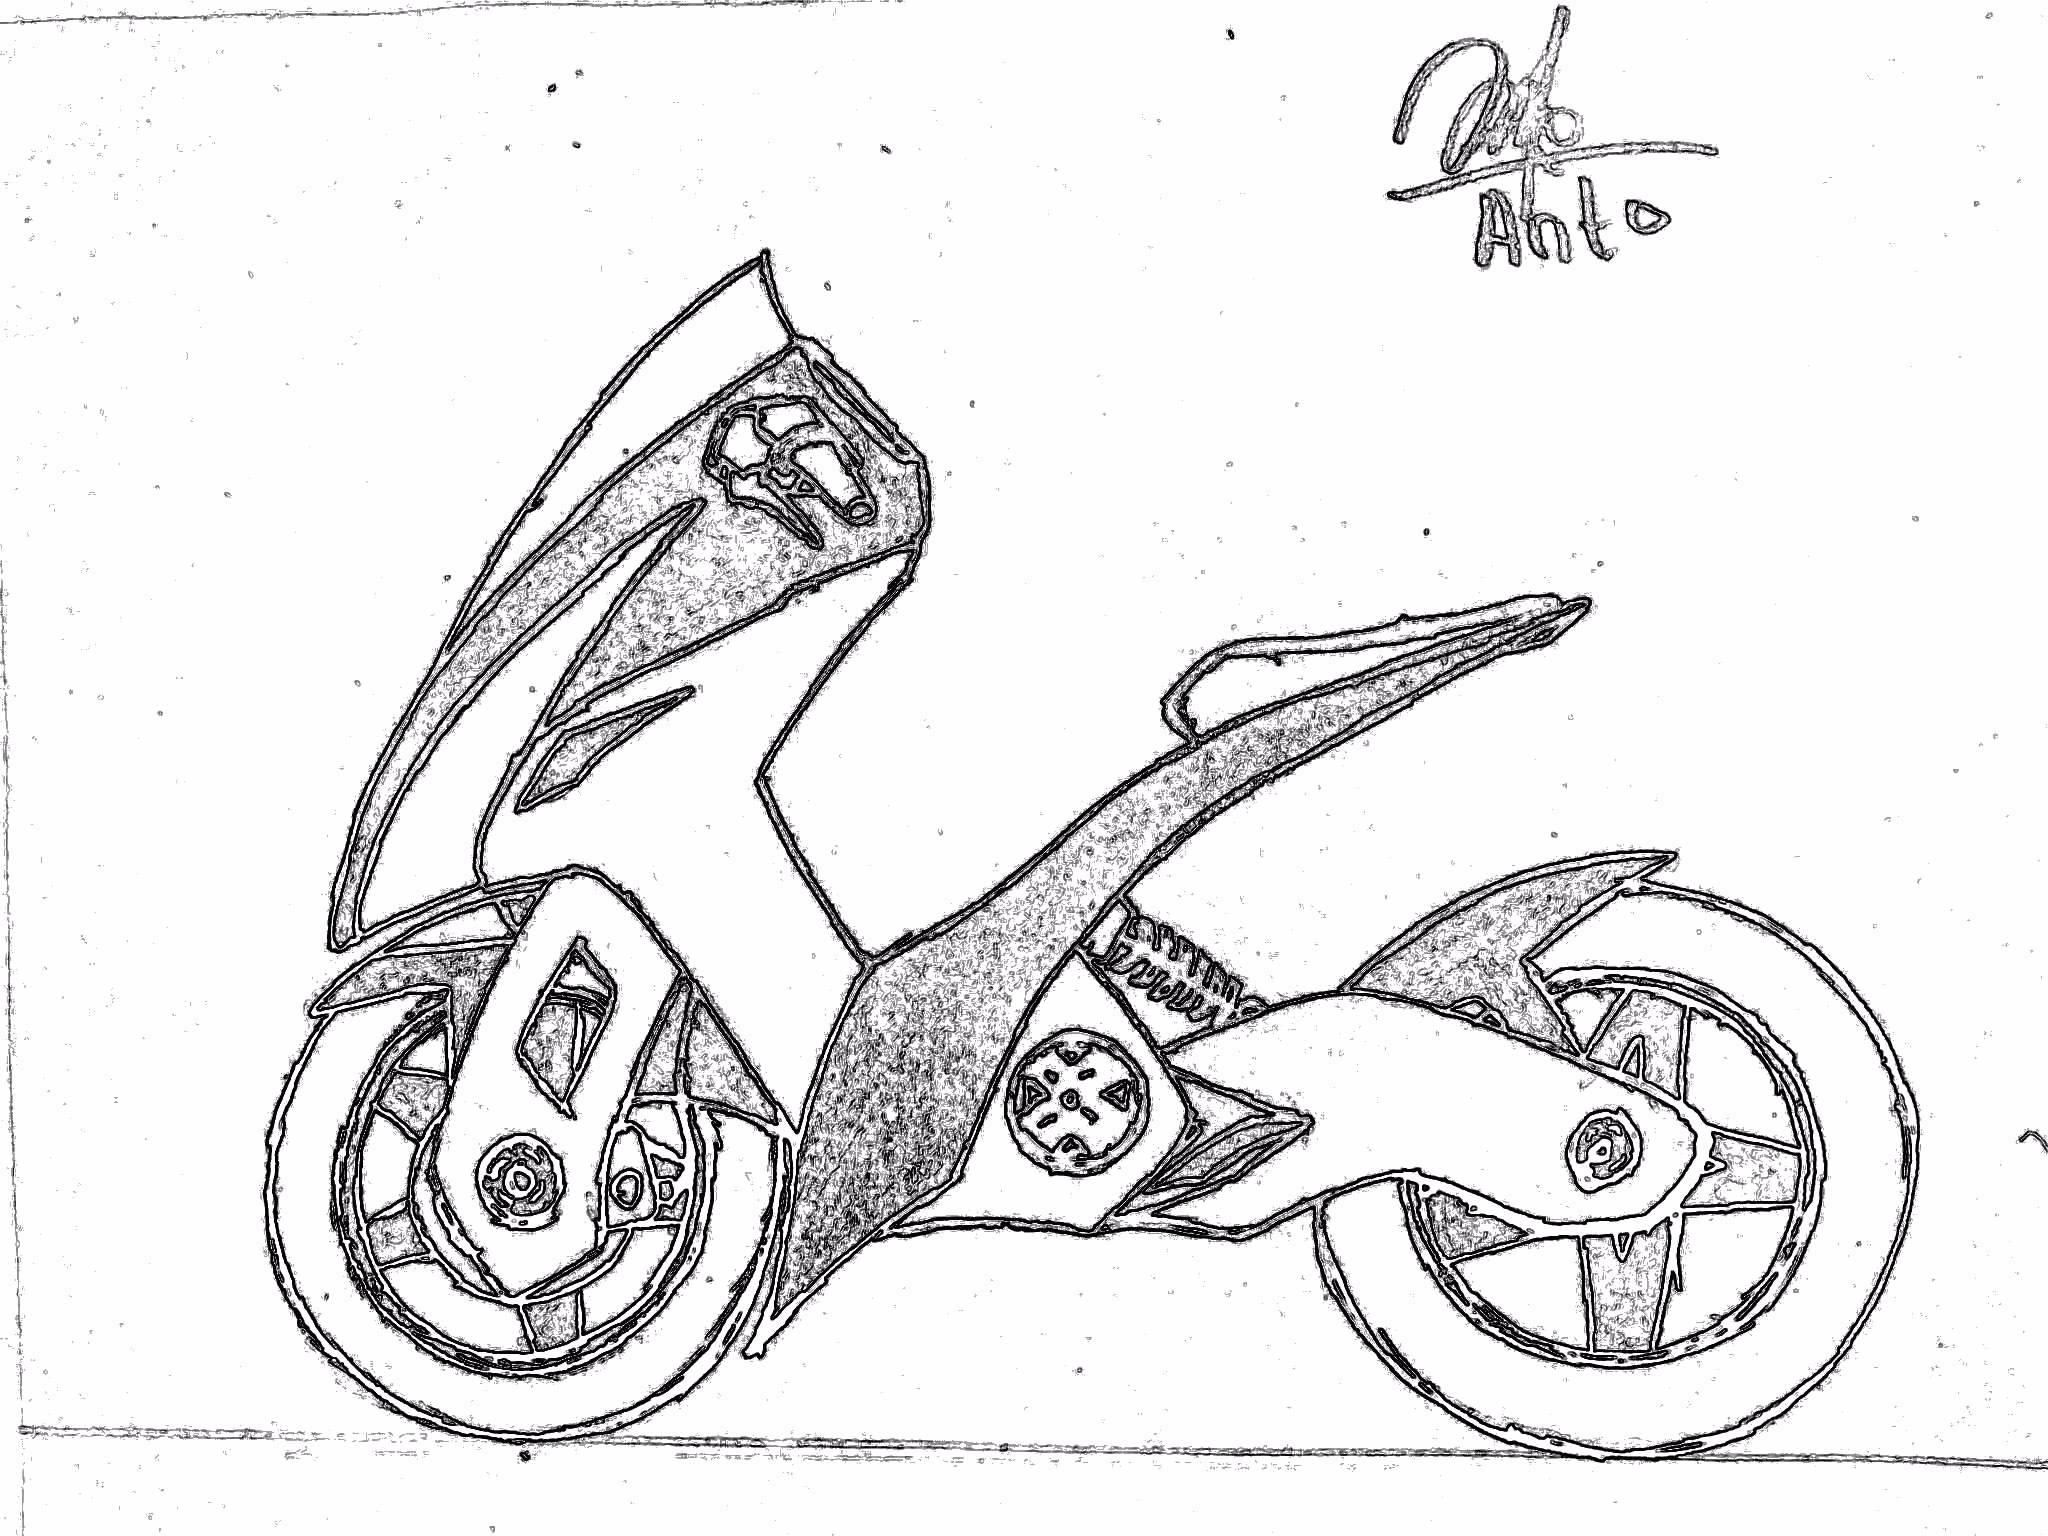 anto32